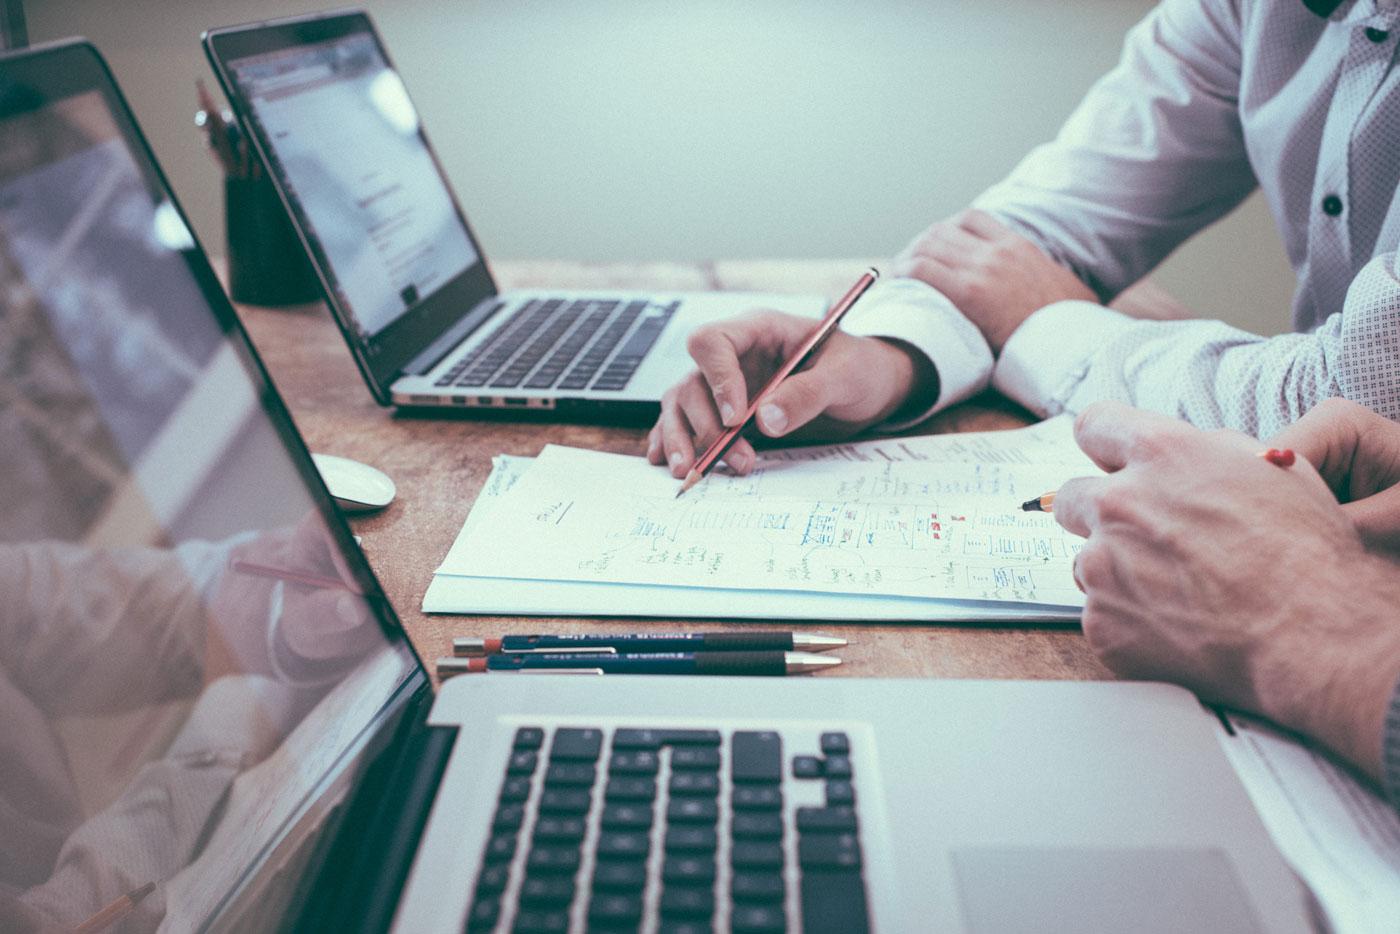 Zwei Personen bei der Beratung Schwarte Consulting website